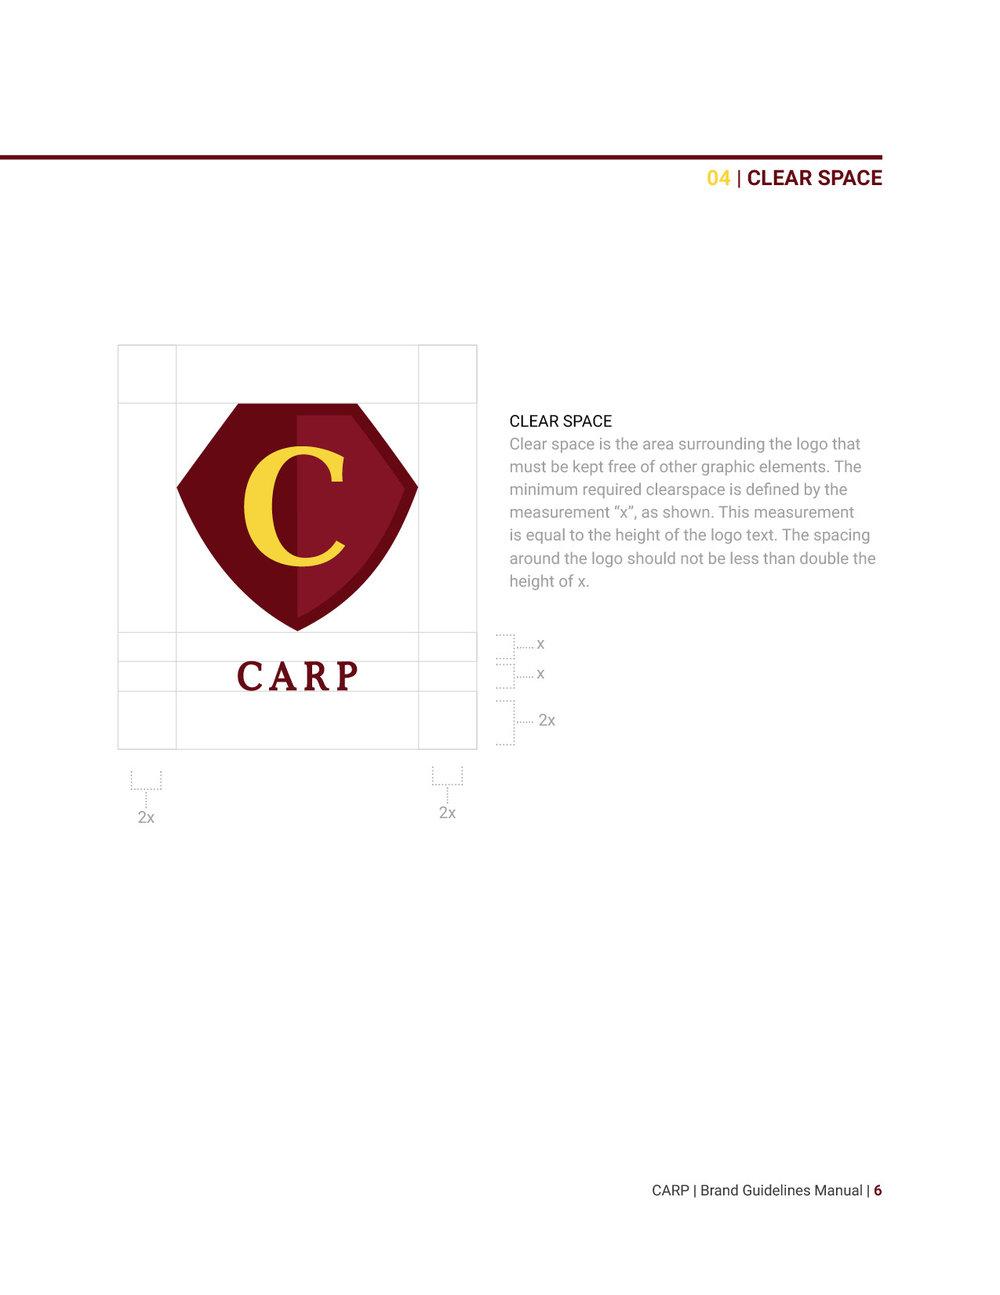 CARP_brand_guidelines_16.jpg